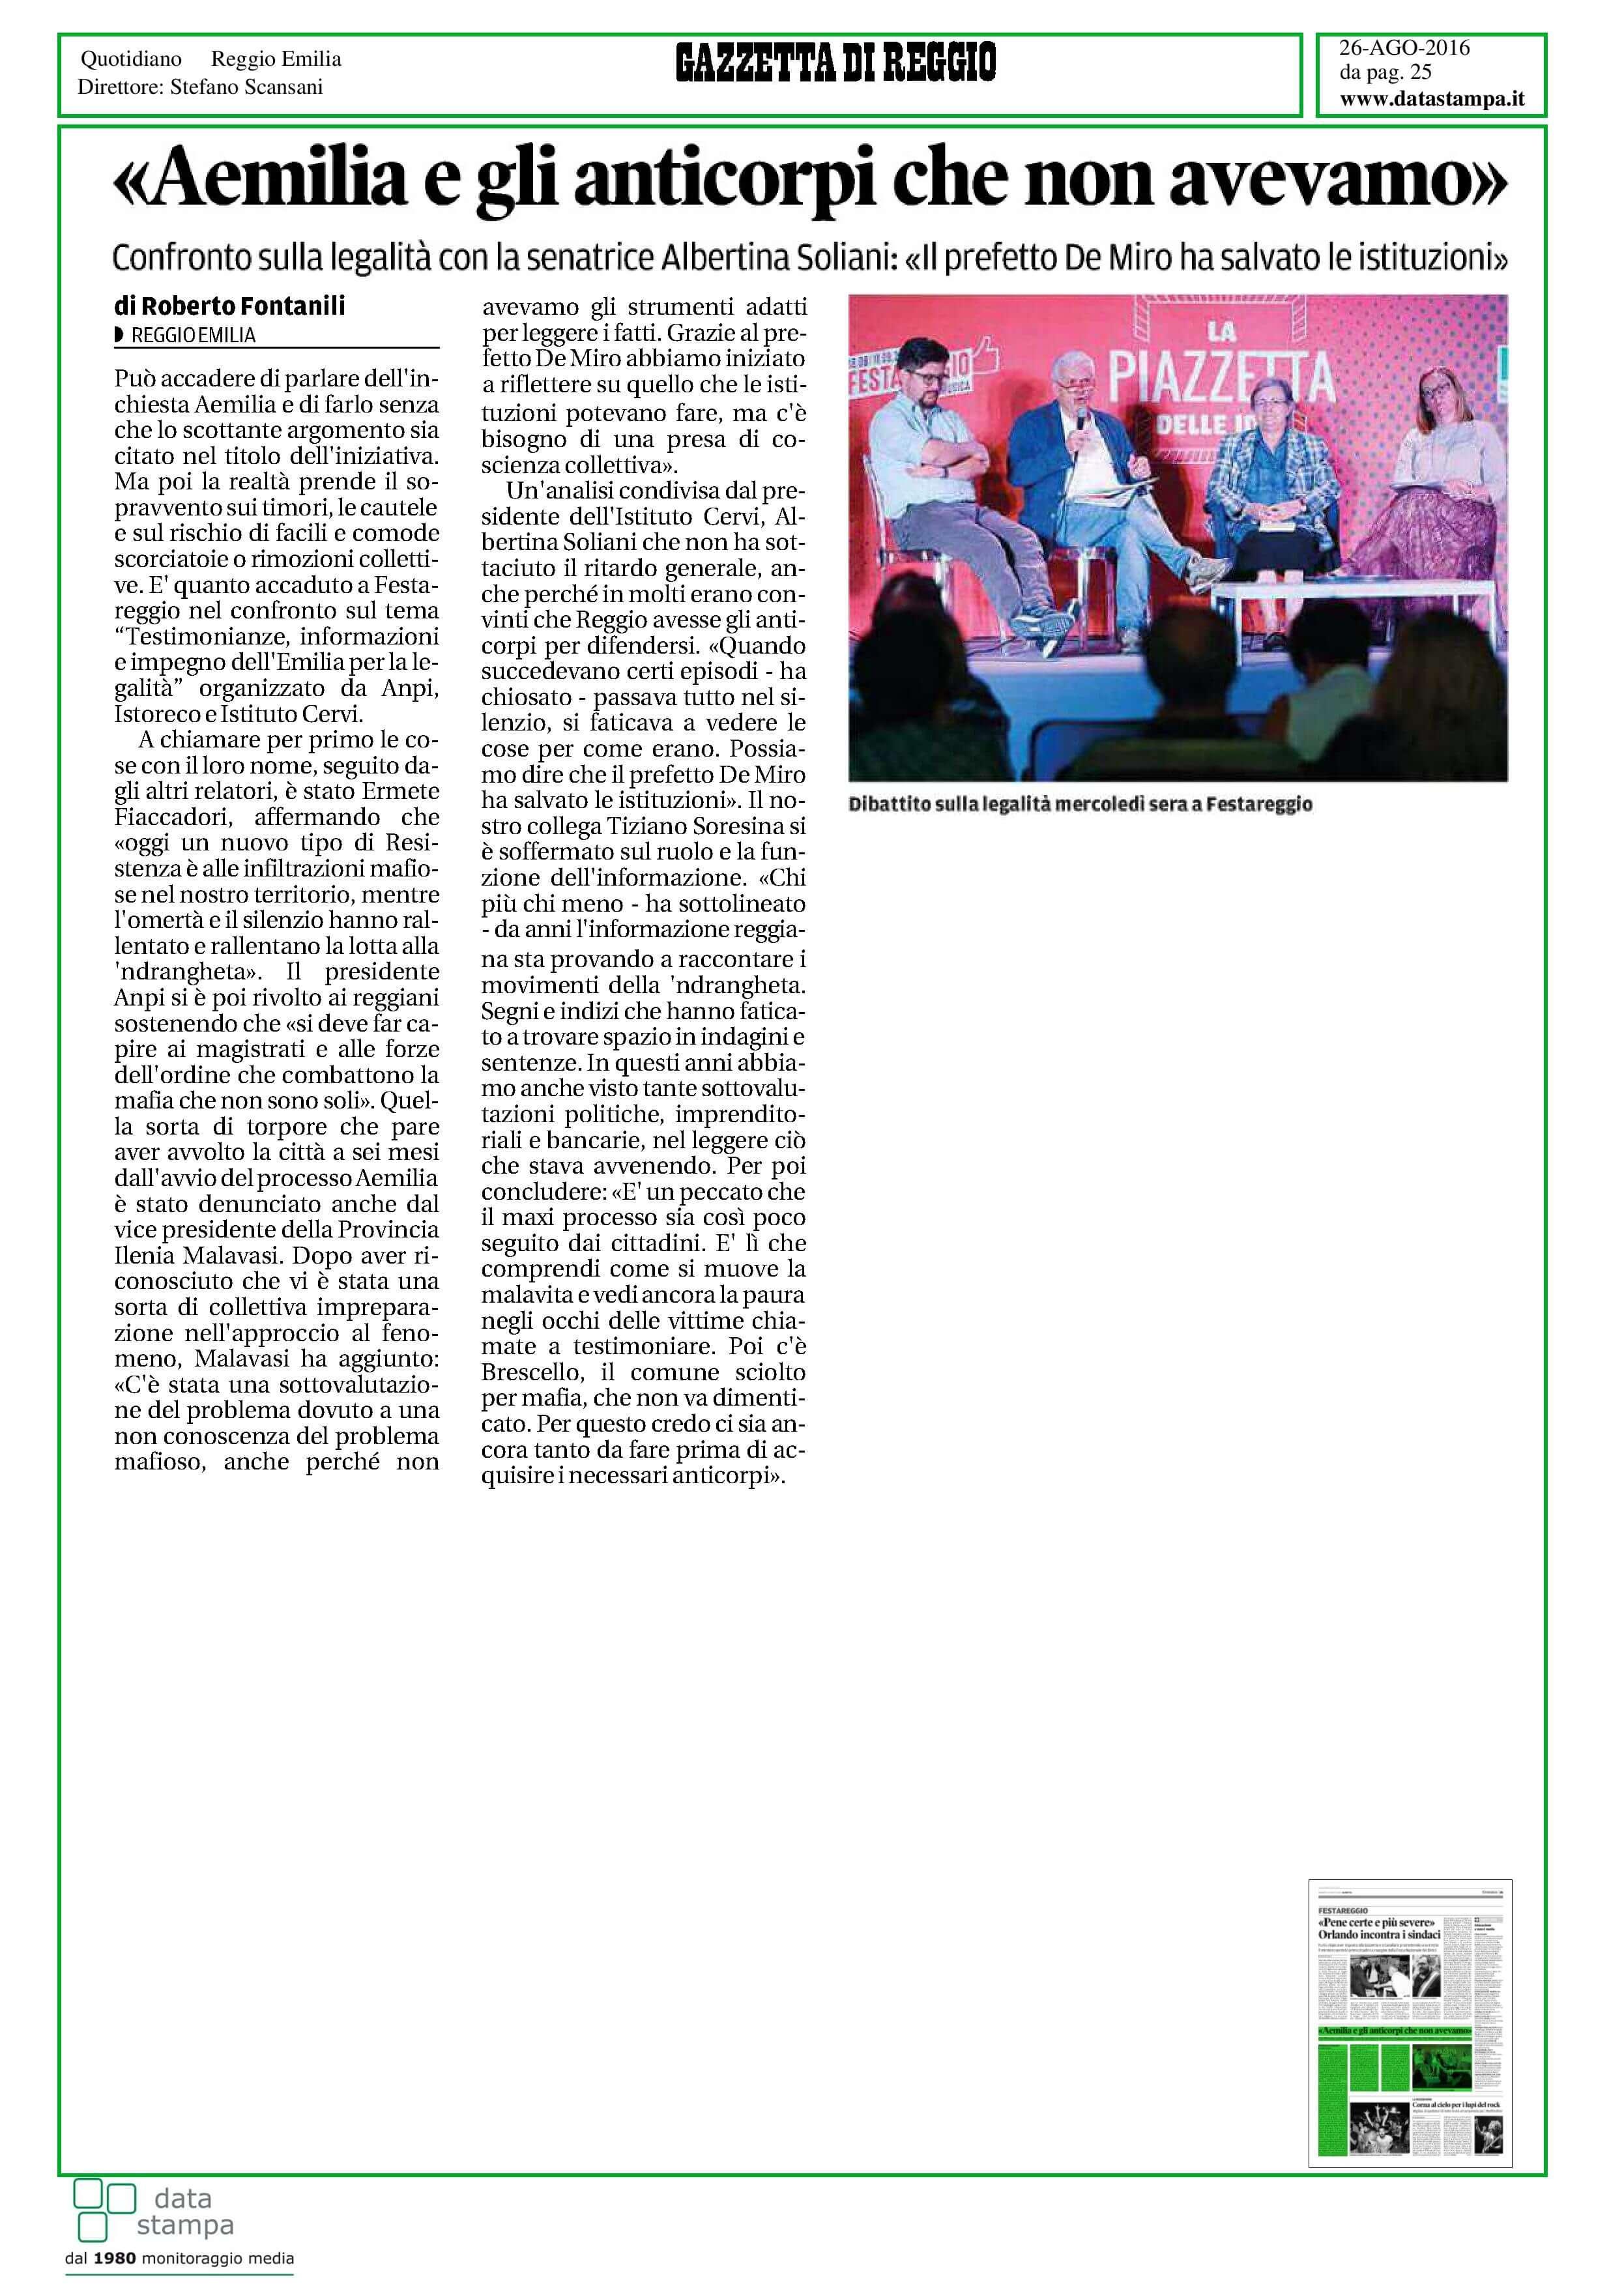 anticorpi-ed-aemilia-page-001